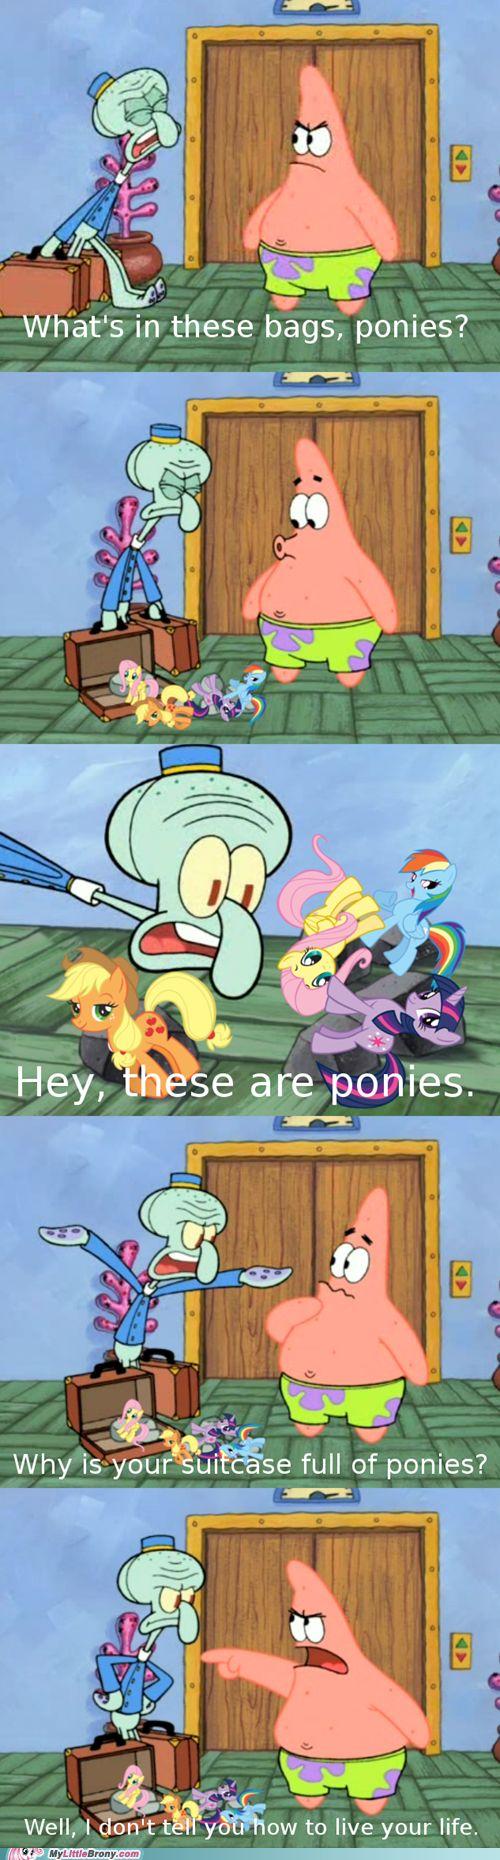 Patrick is Best Brony!